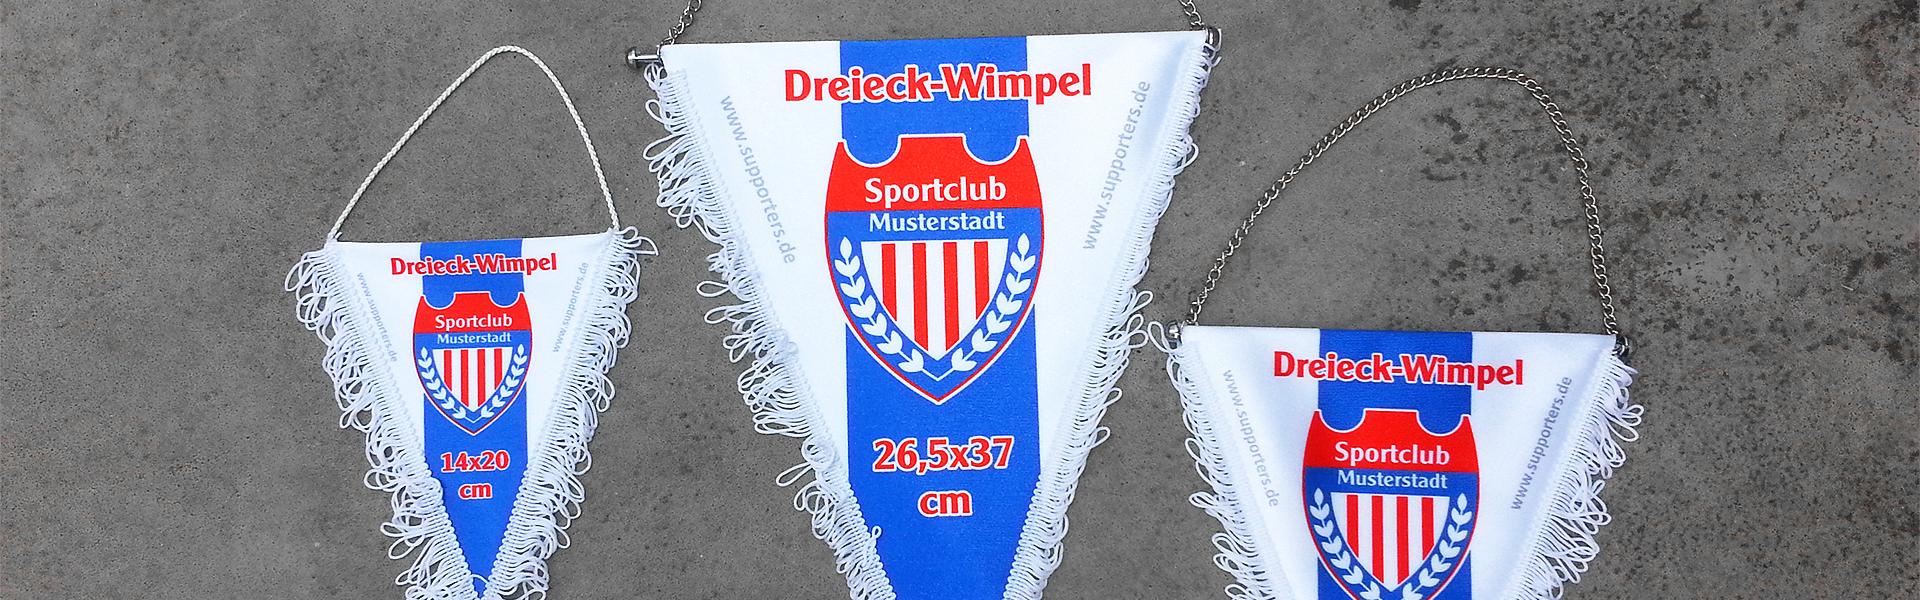 slide-wimpel